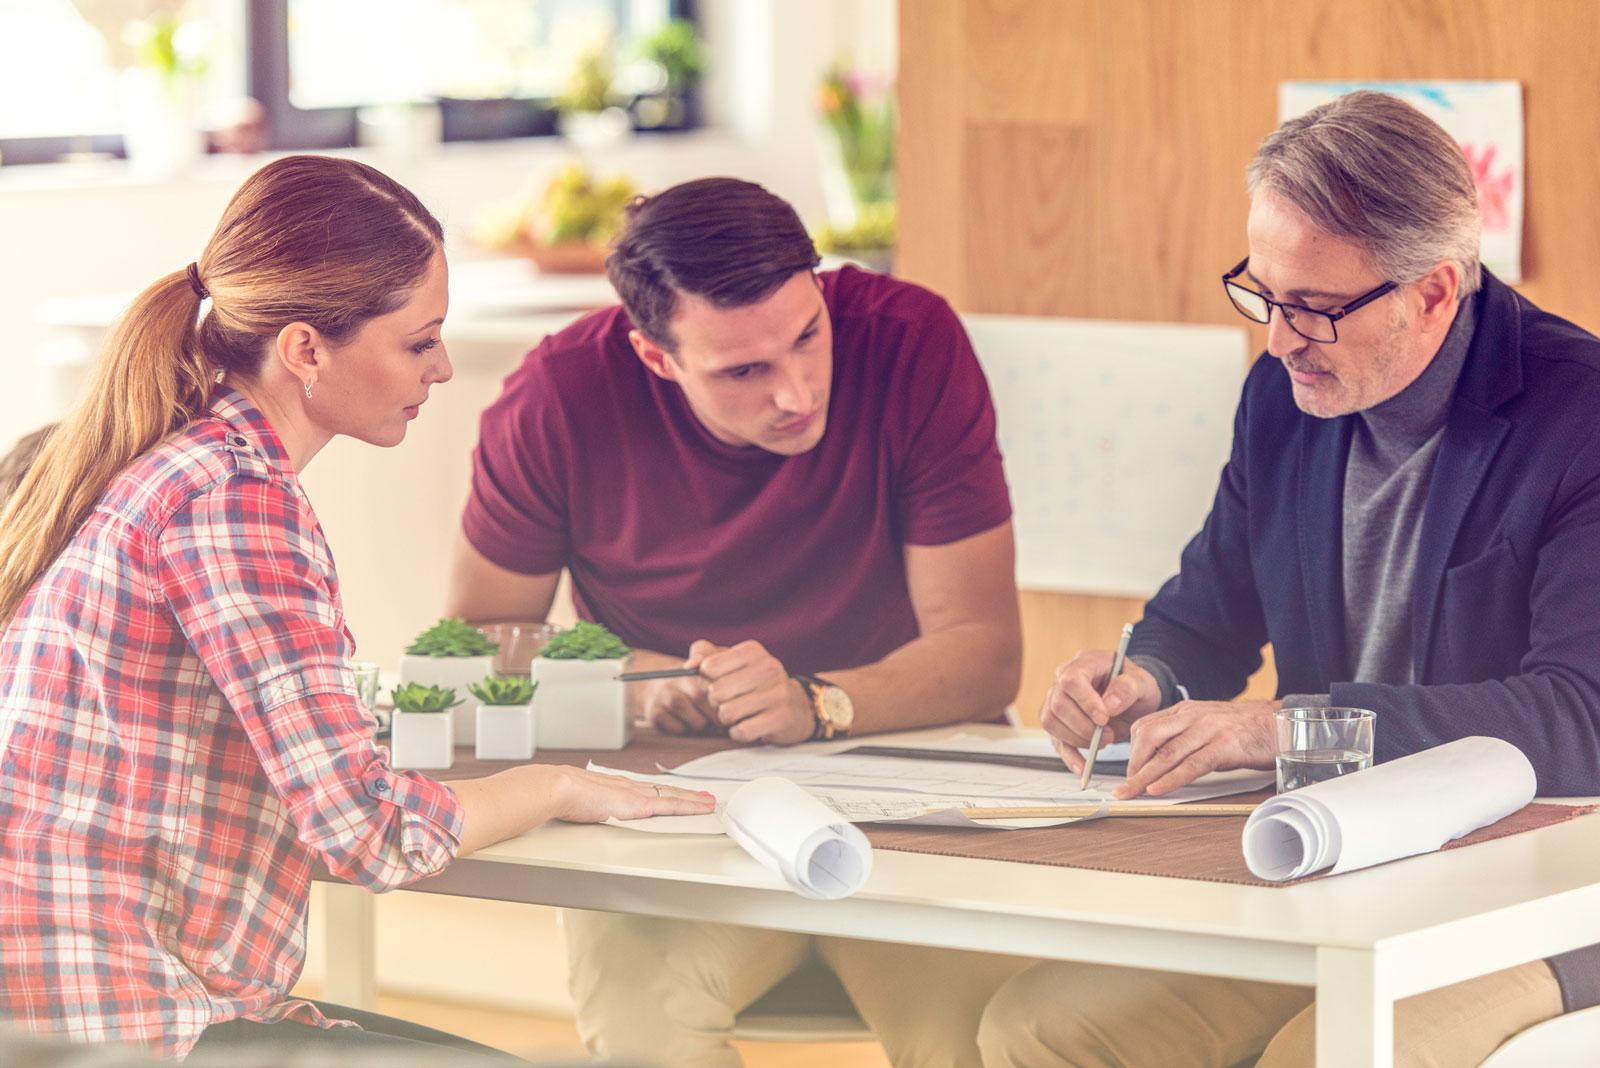 Expertenrat: Gehe mit einem Sachkundigen den Bauvertrag und Pläne durch. Er hilft dir, Schwachstellen zu identifizieren.